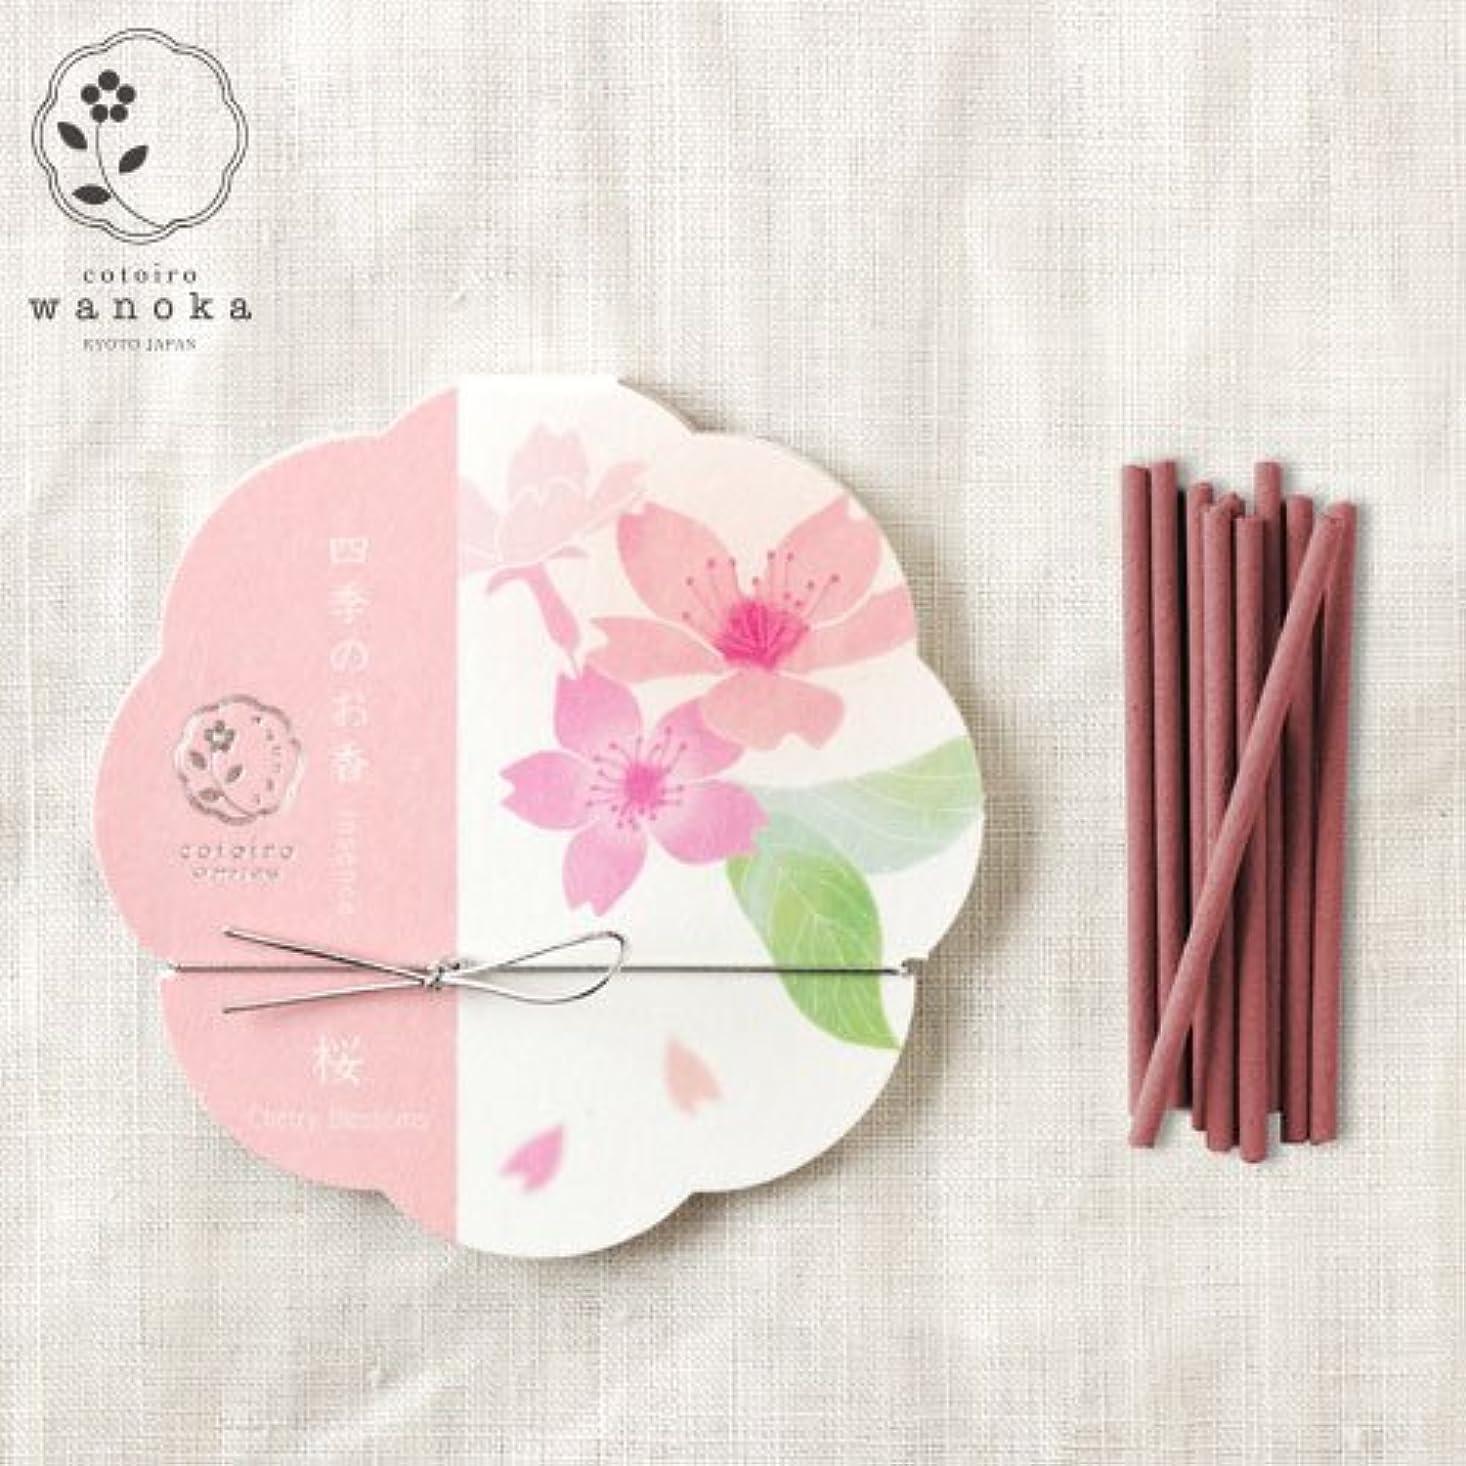 火山学者崖おとこwanoka四季のお香(インセンス)桜《桜をイメージした甘い香り》ART LABIncense stick